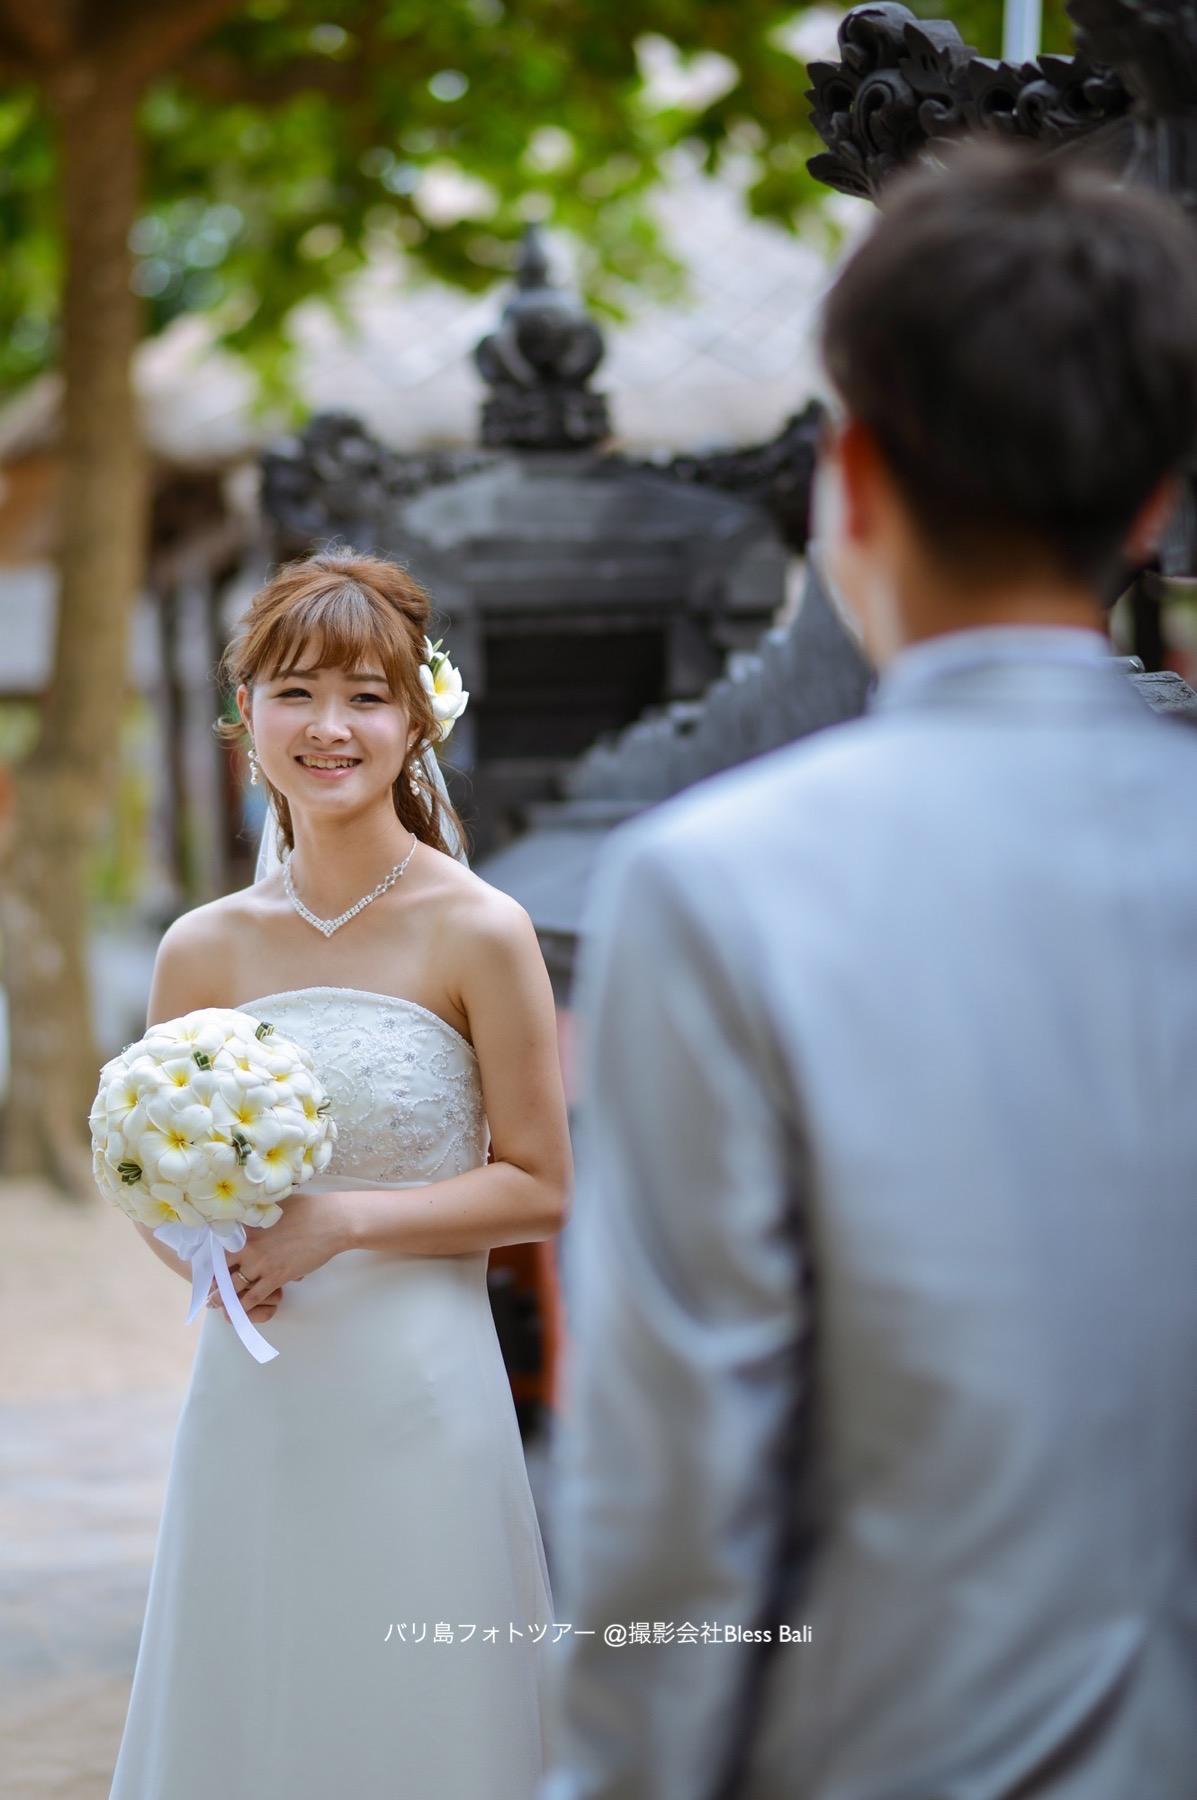 バリ島ビーチで花婿に微笑む花嫁